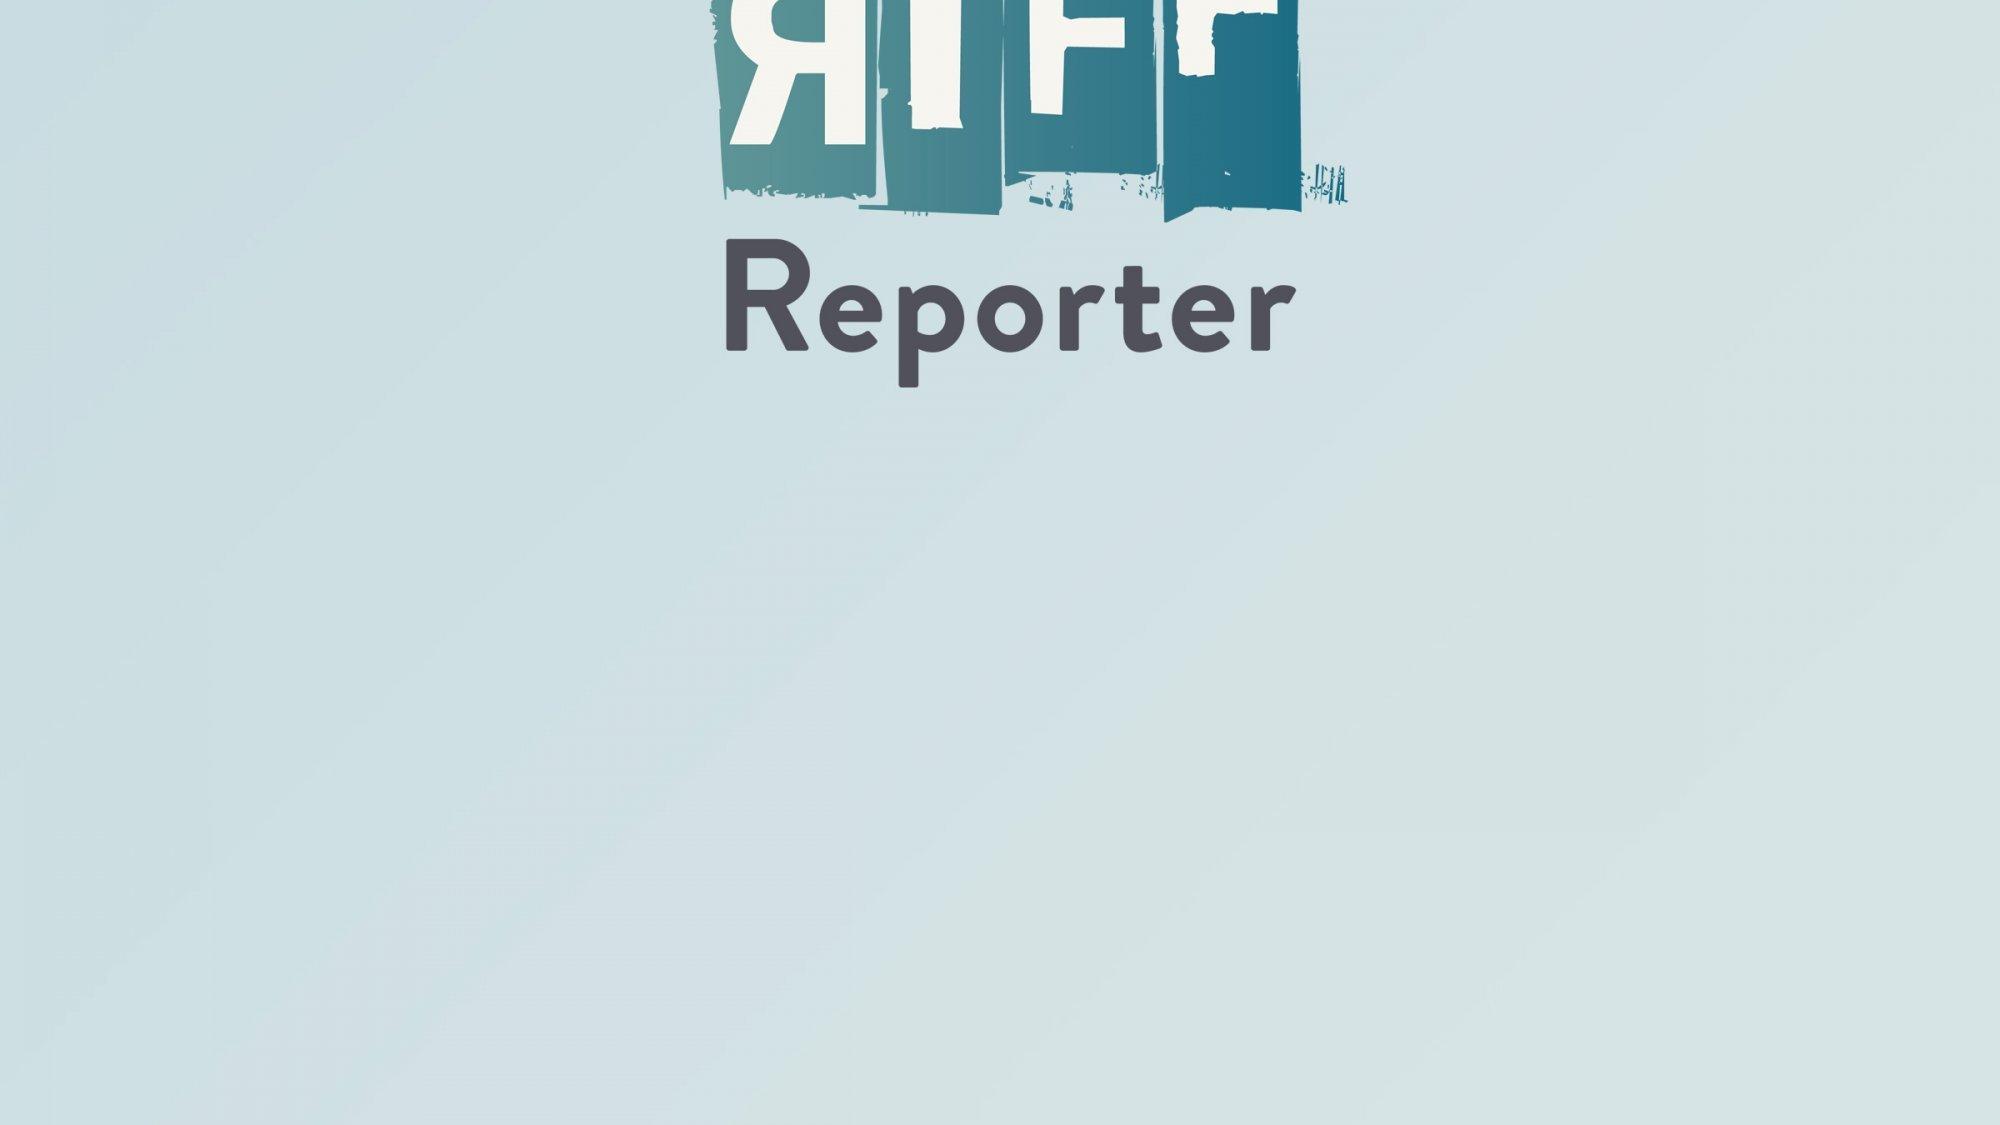 Luftbild einer grünen Hügellandschaft, auf die mit Tiefladern gerade zwei weiße Container und zwei weiße Kuppeln gebracht werden.